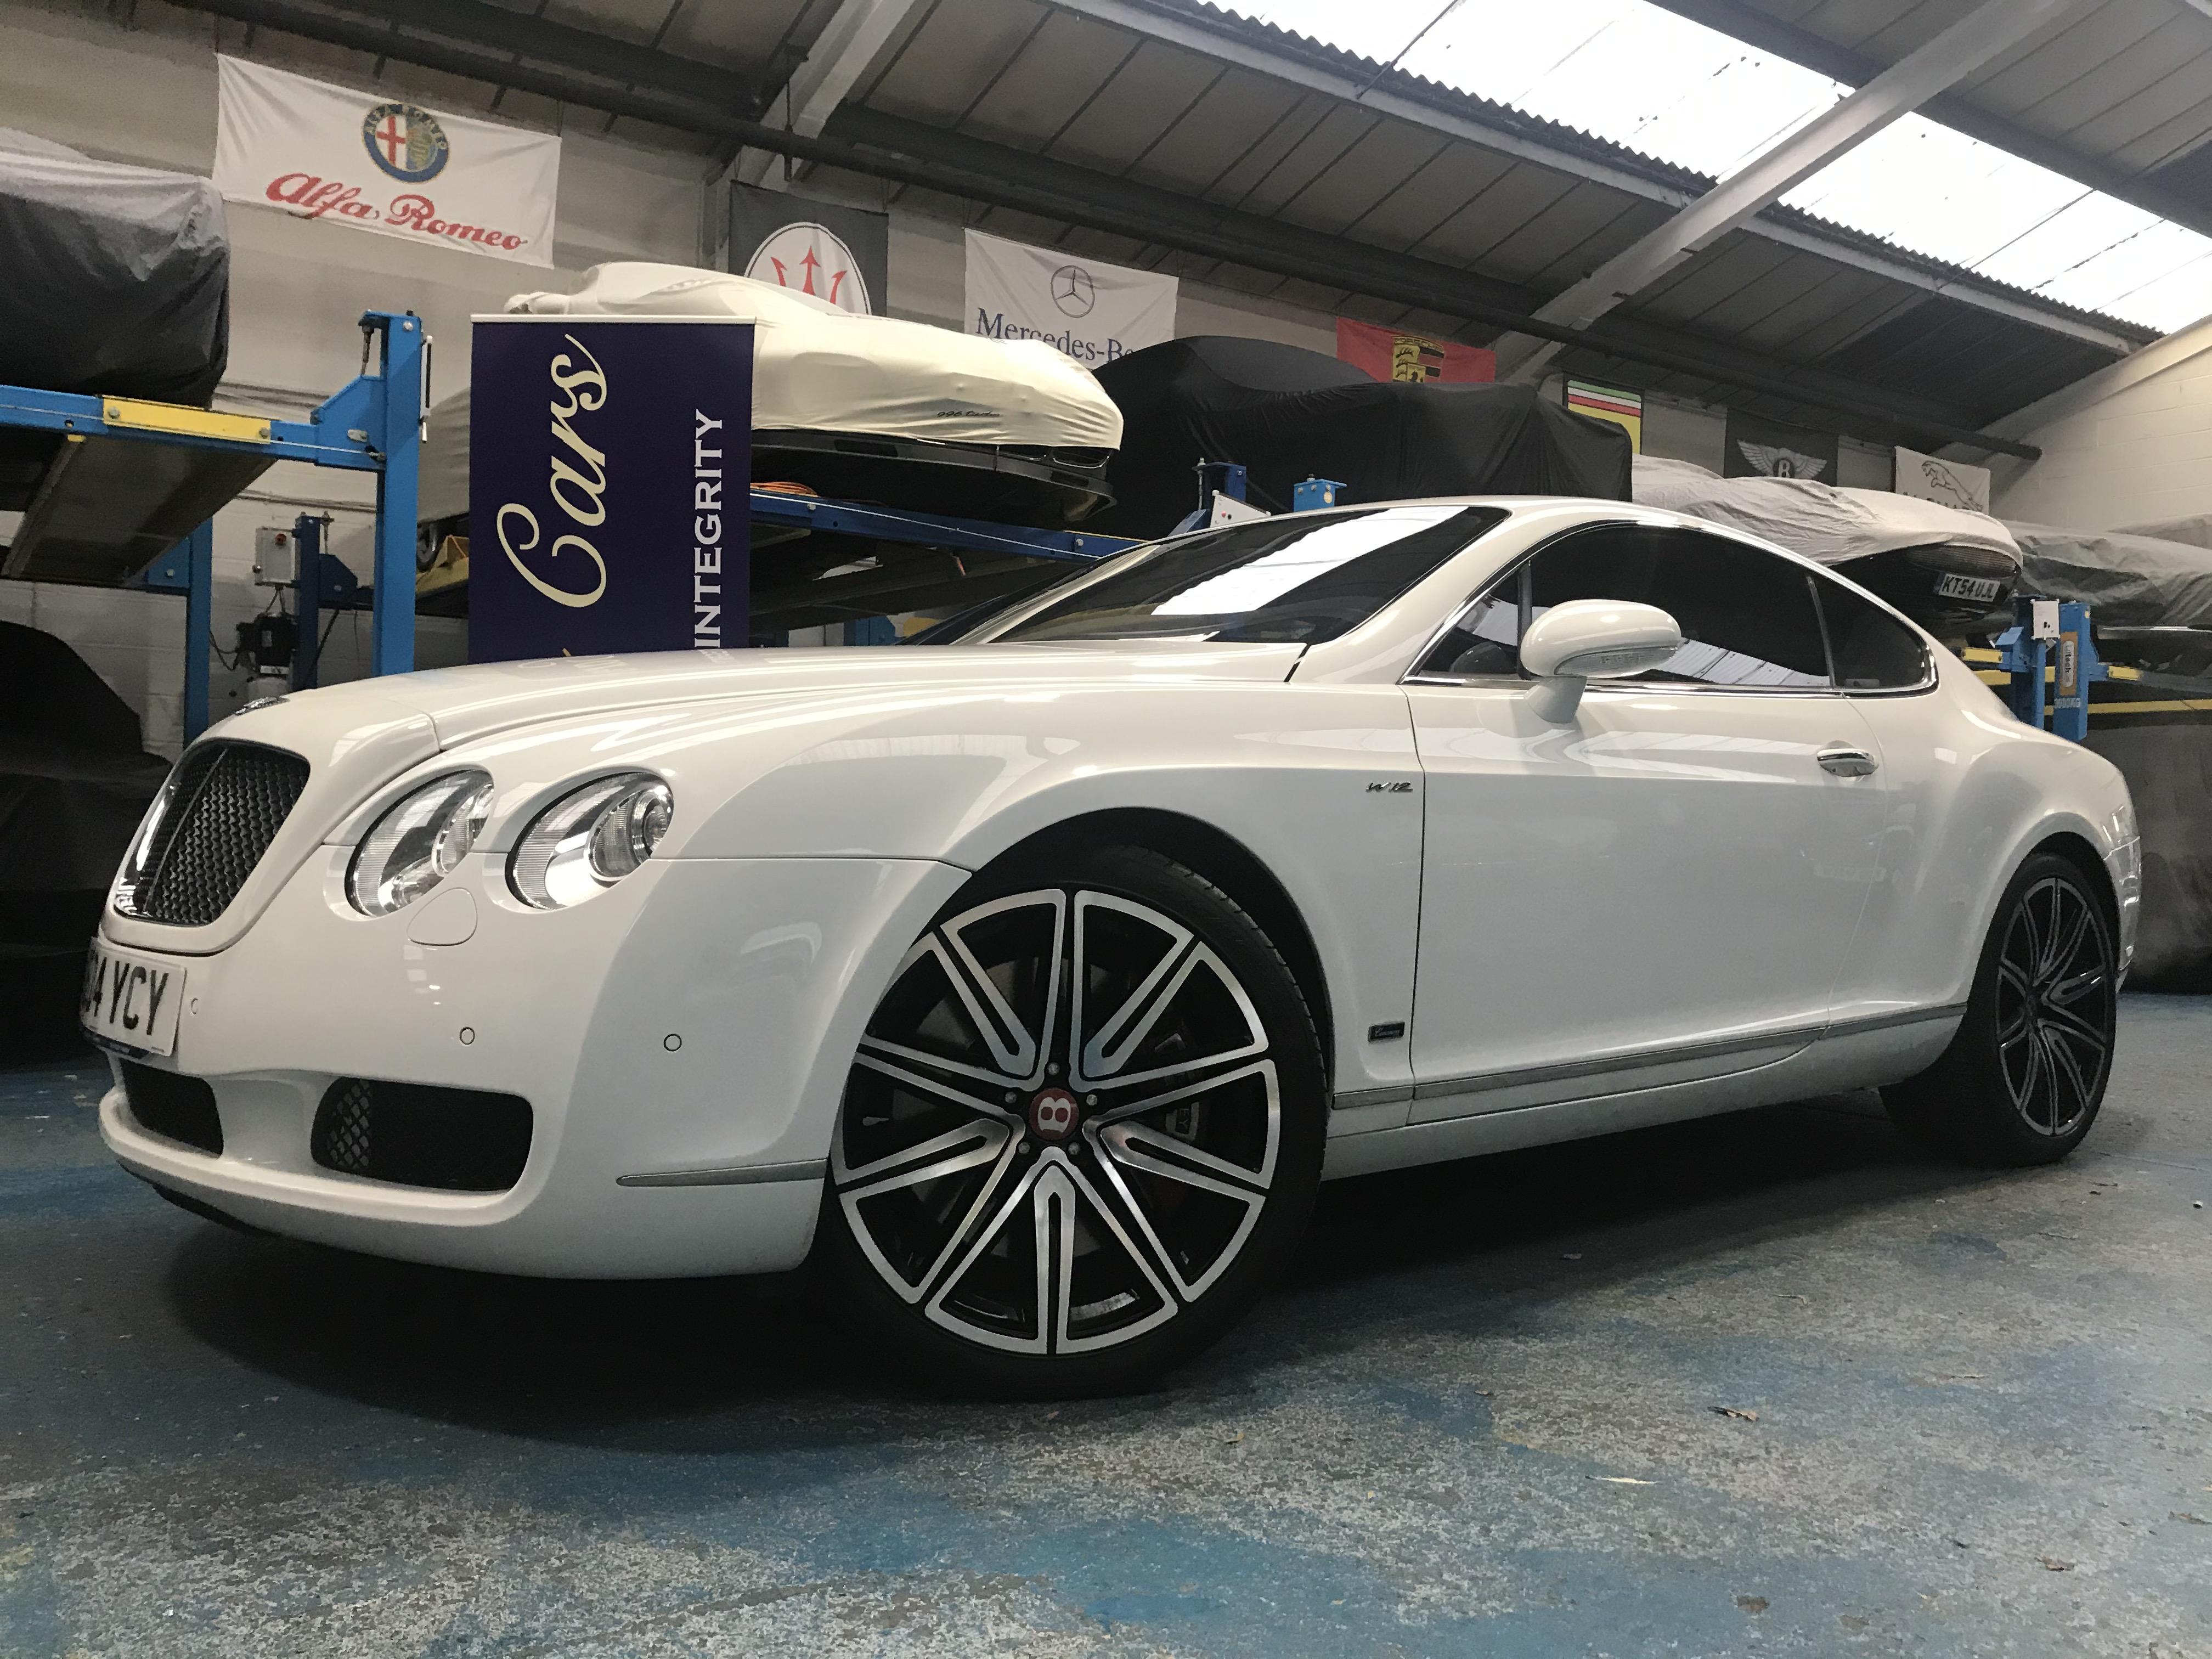 Bentley Continental GT 007